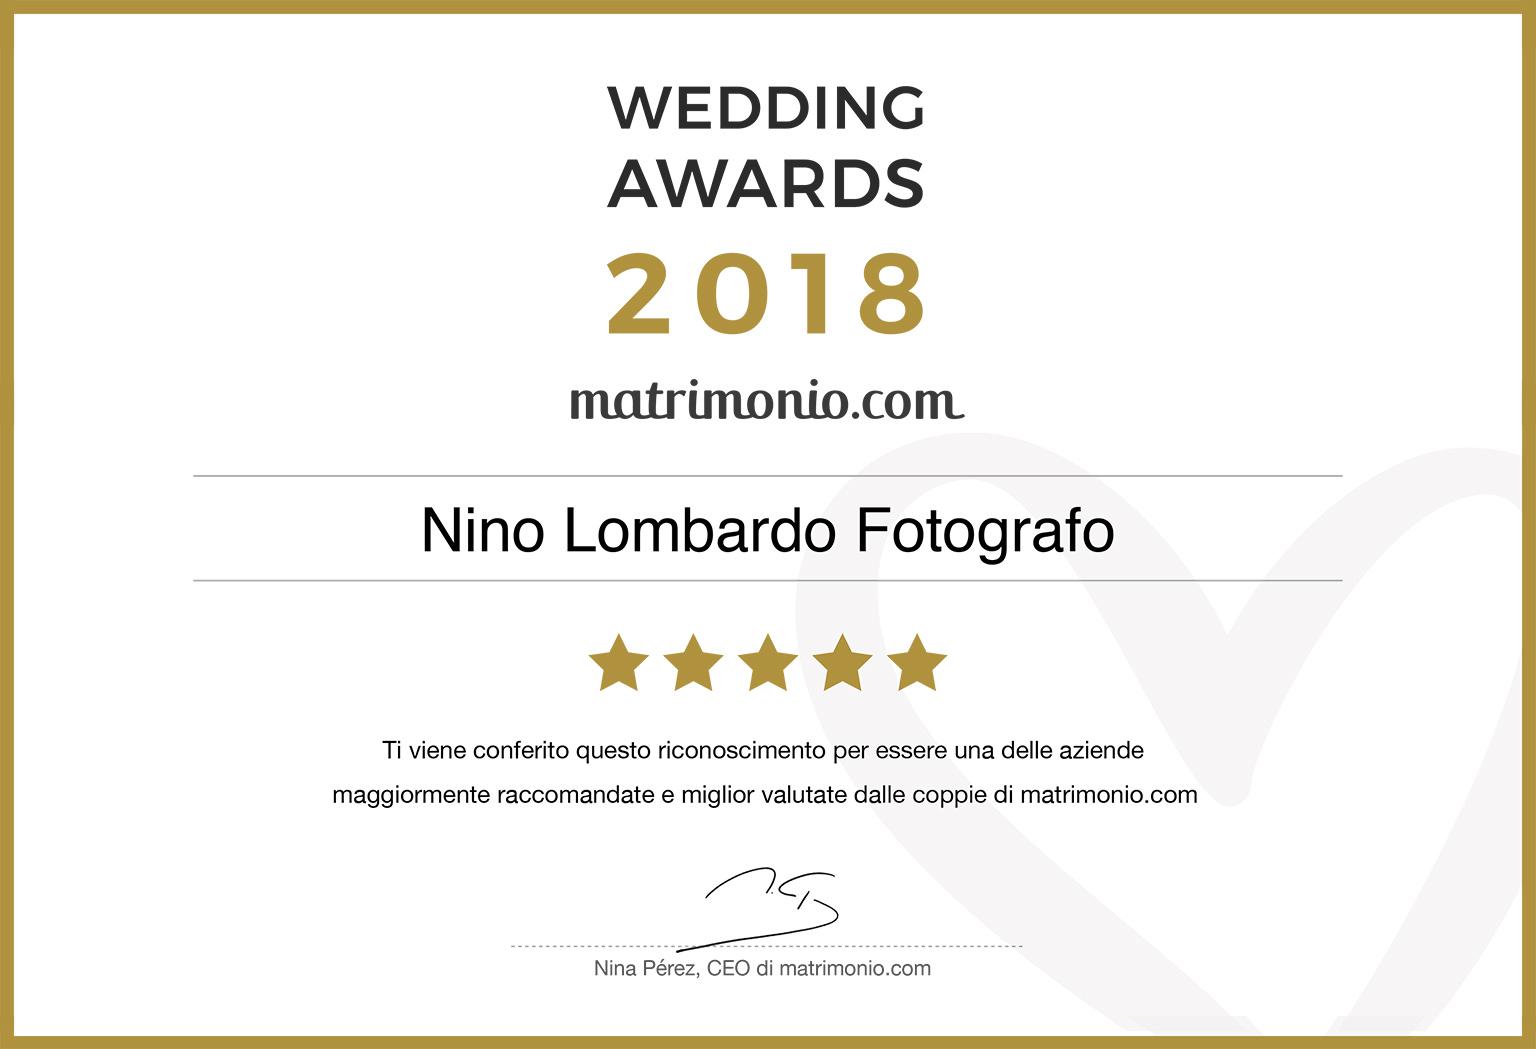 Migliori Recensioni e raccomandazioni per il Fotografo siciliano Nino Lombardo Feedback